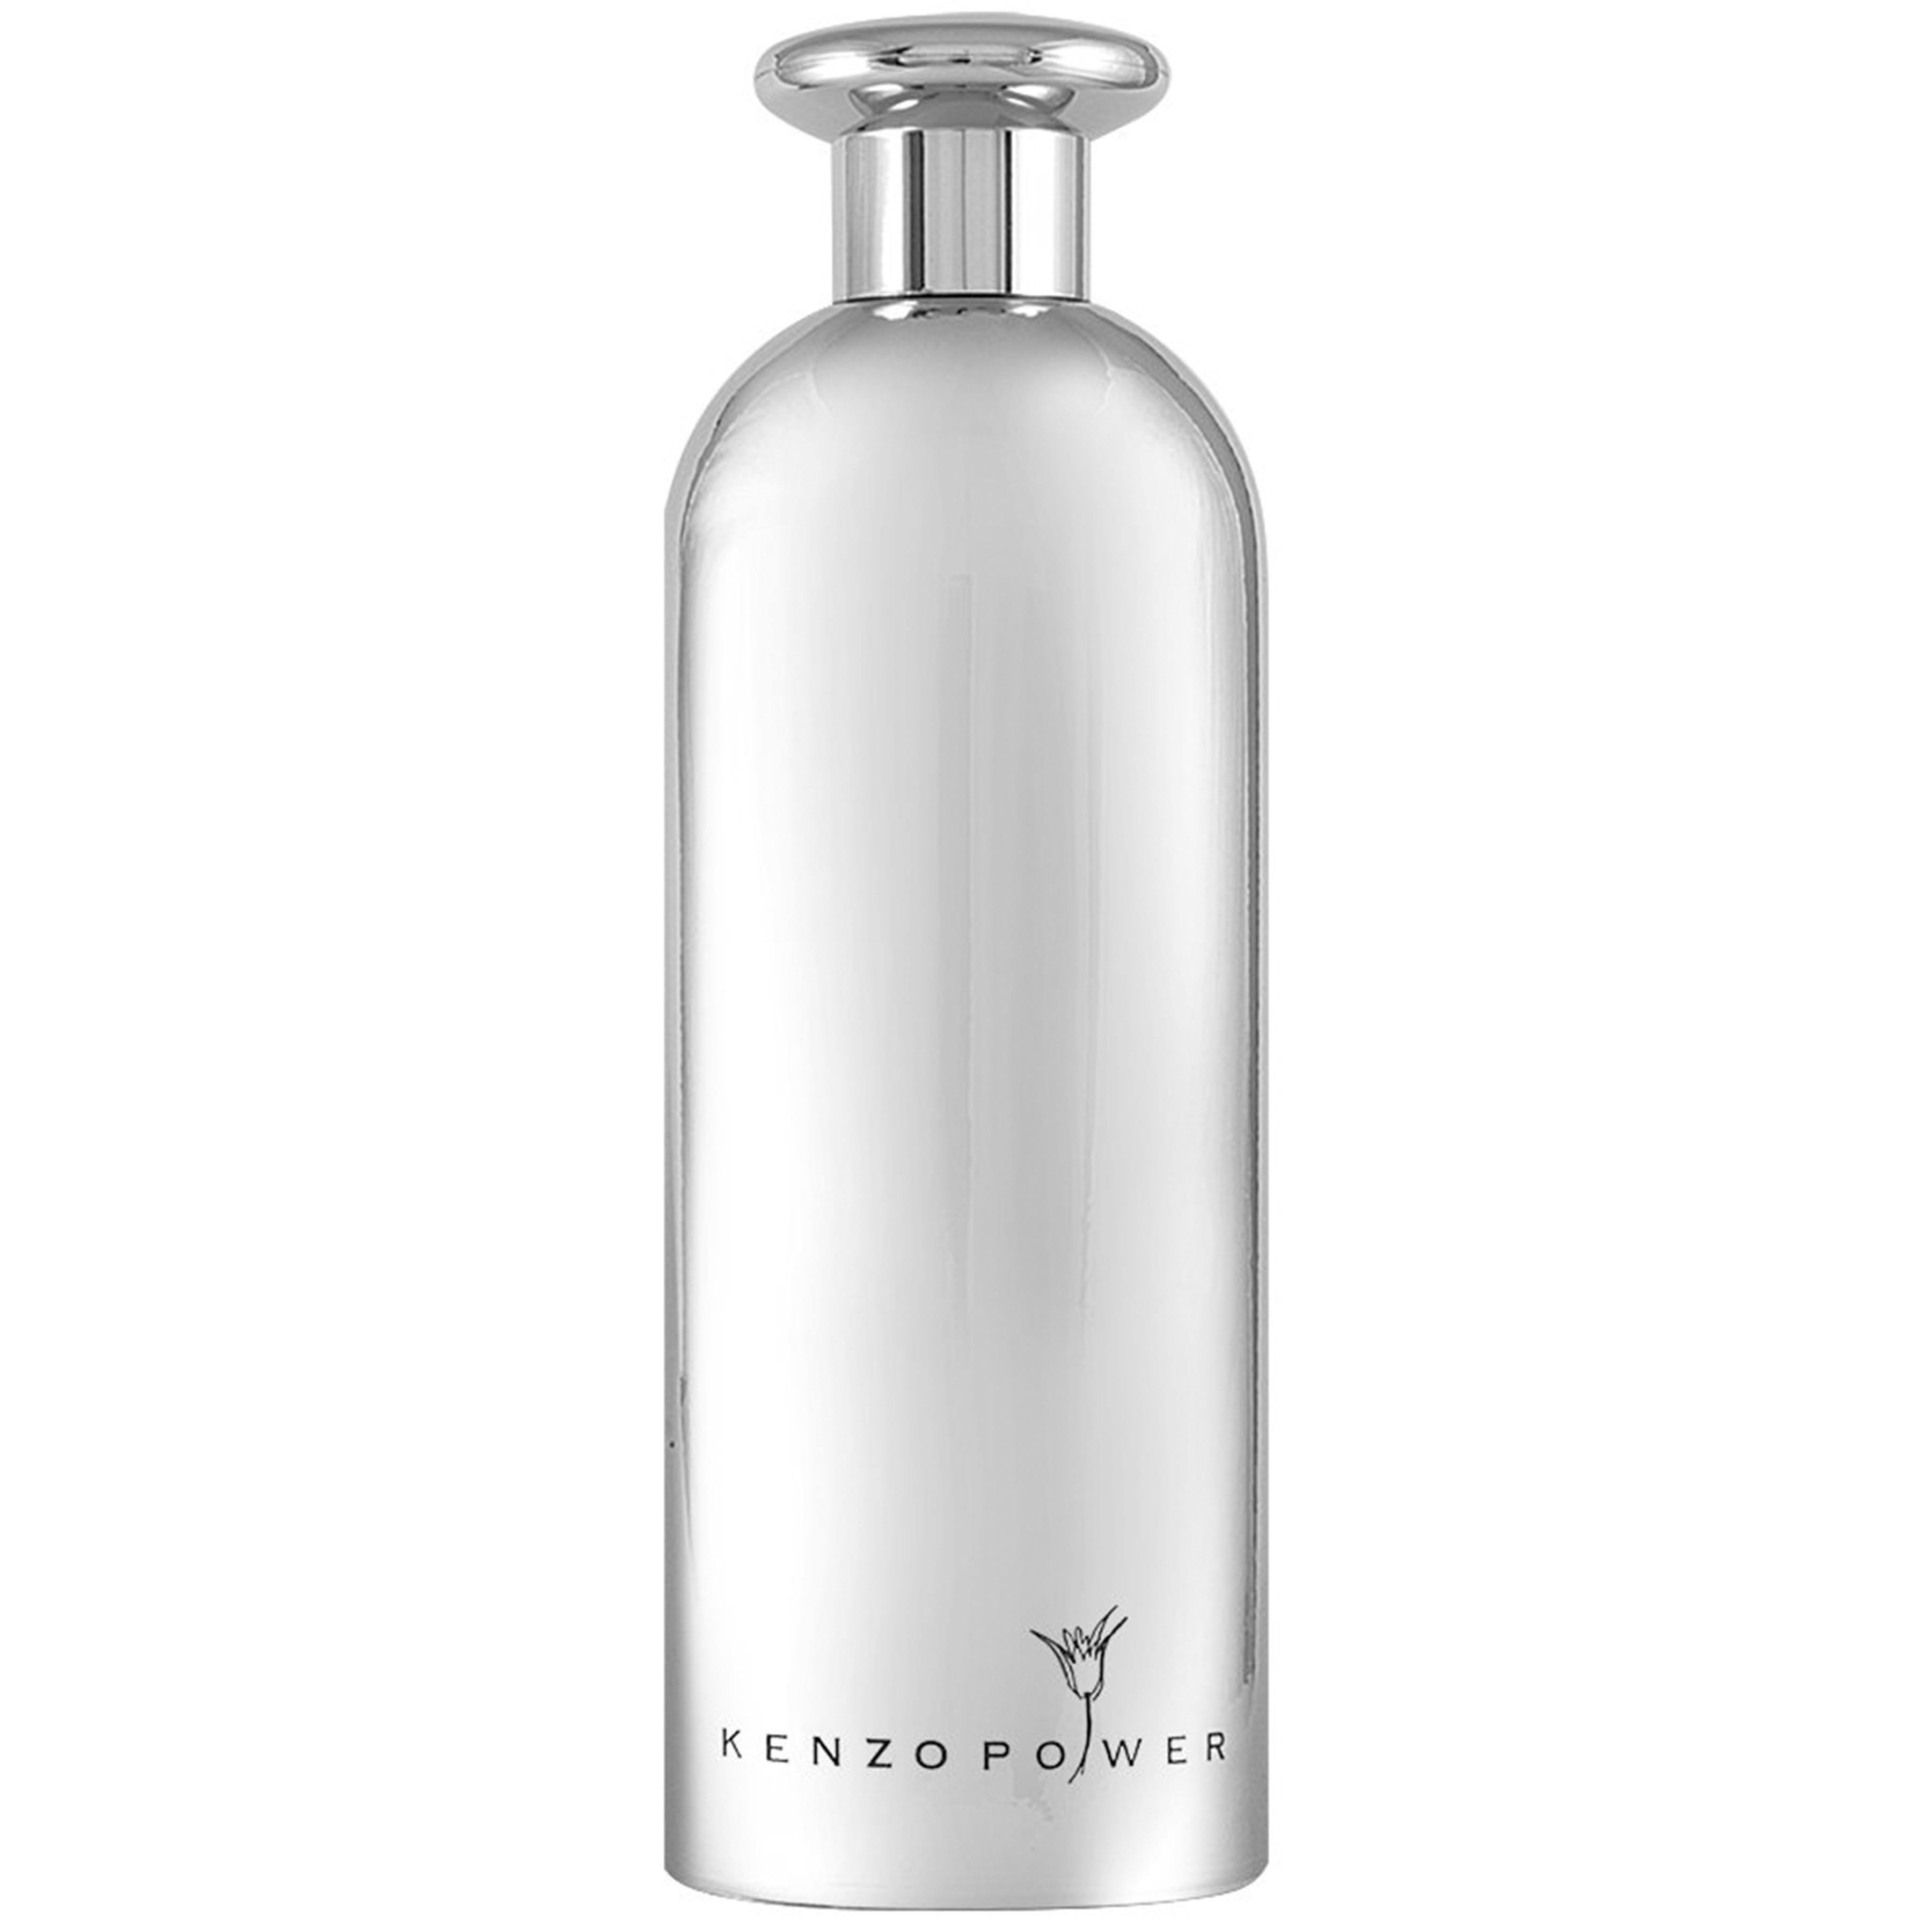 Die besten Parfums 2019 für Männer: Kenzo Power